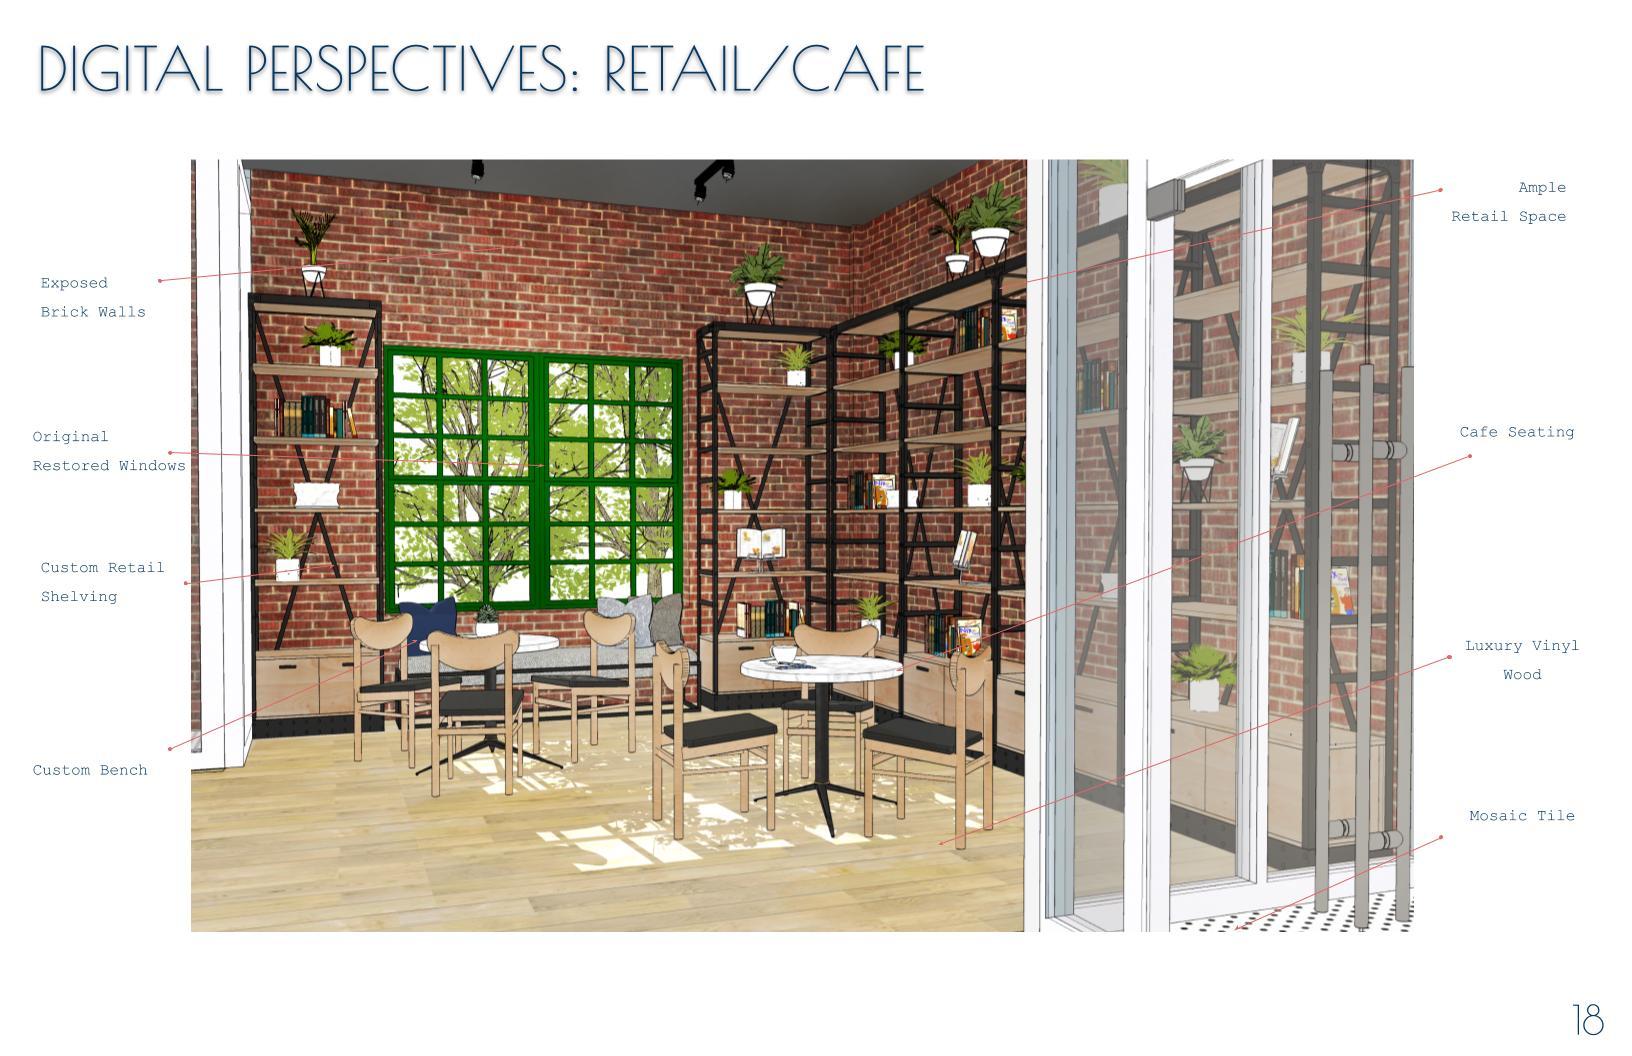 Re-Think Workspace | Sheridan College<br/><i>Alyssa Bird, Alex</i>